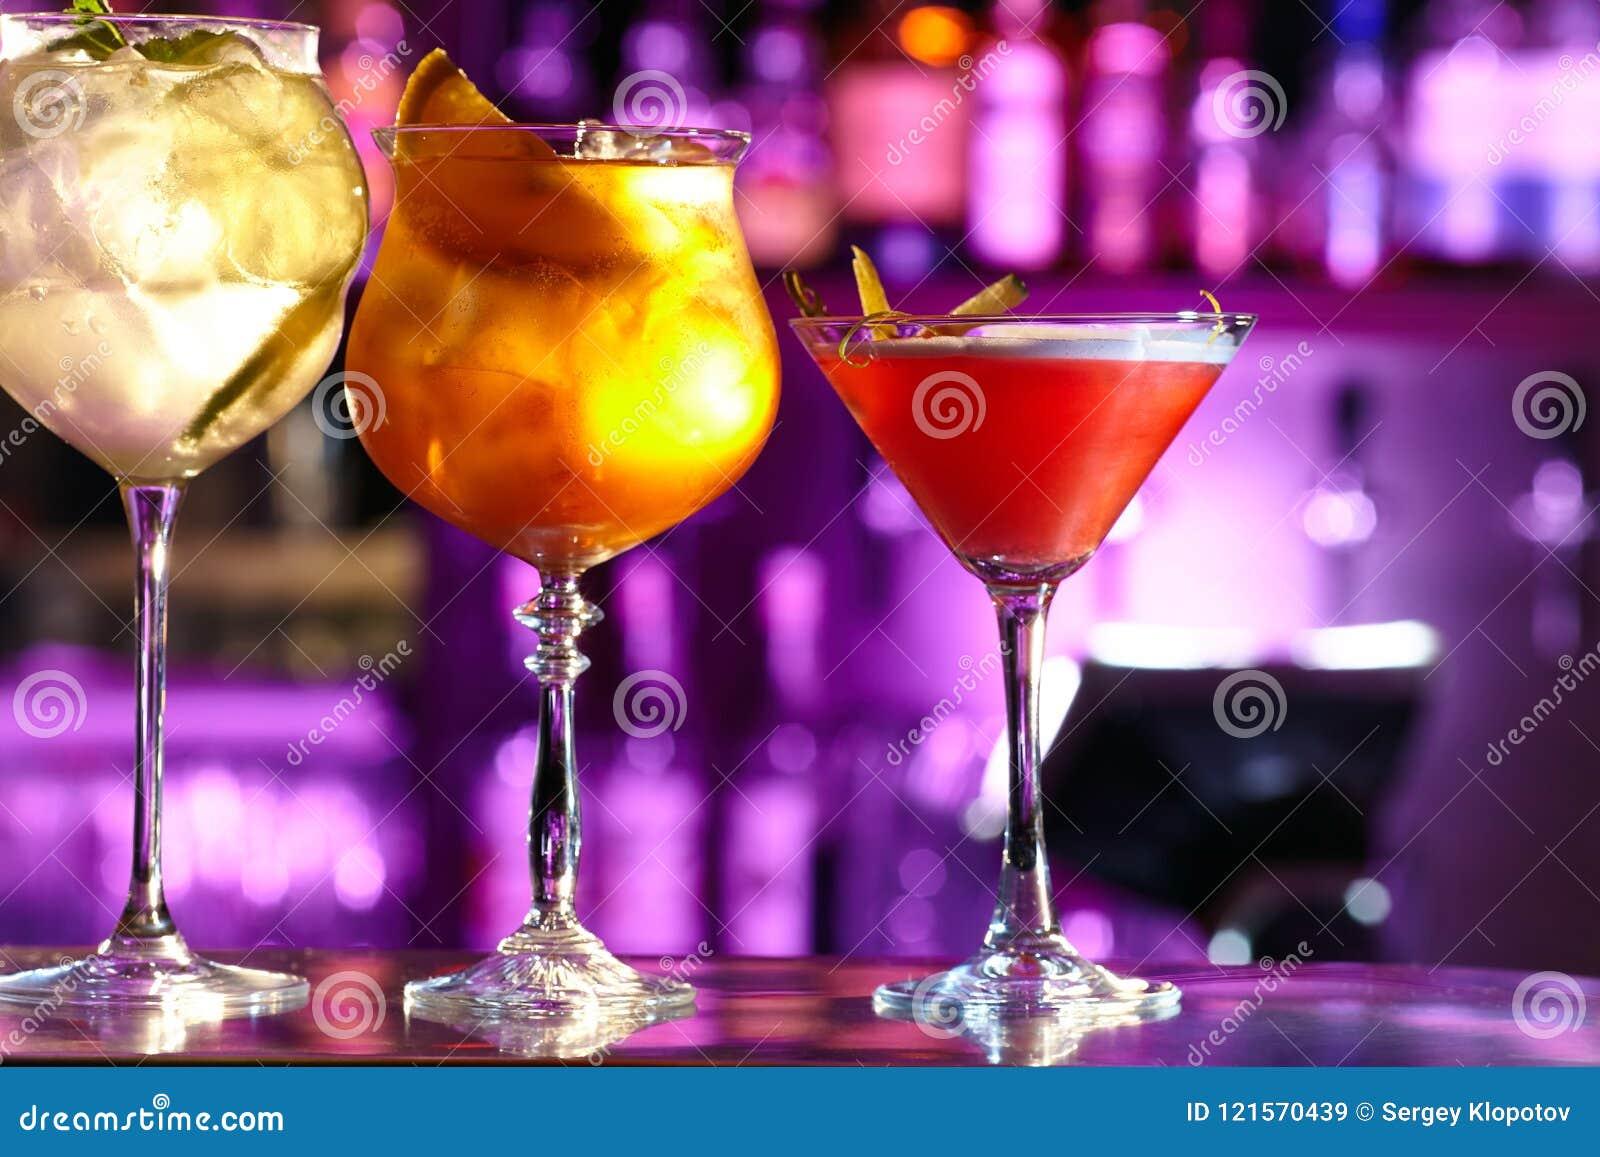 Drie exotische cocktails in mooie glazen